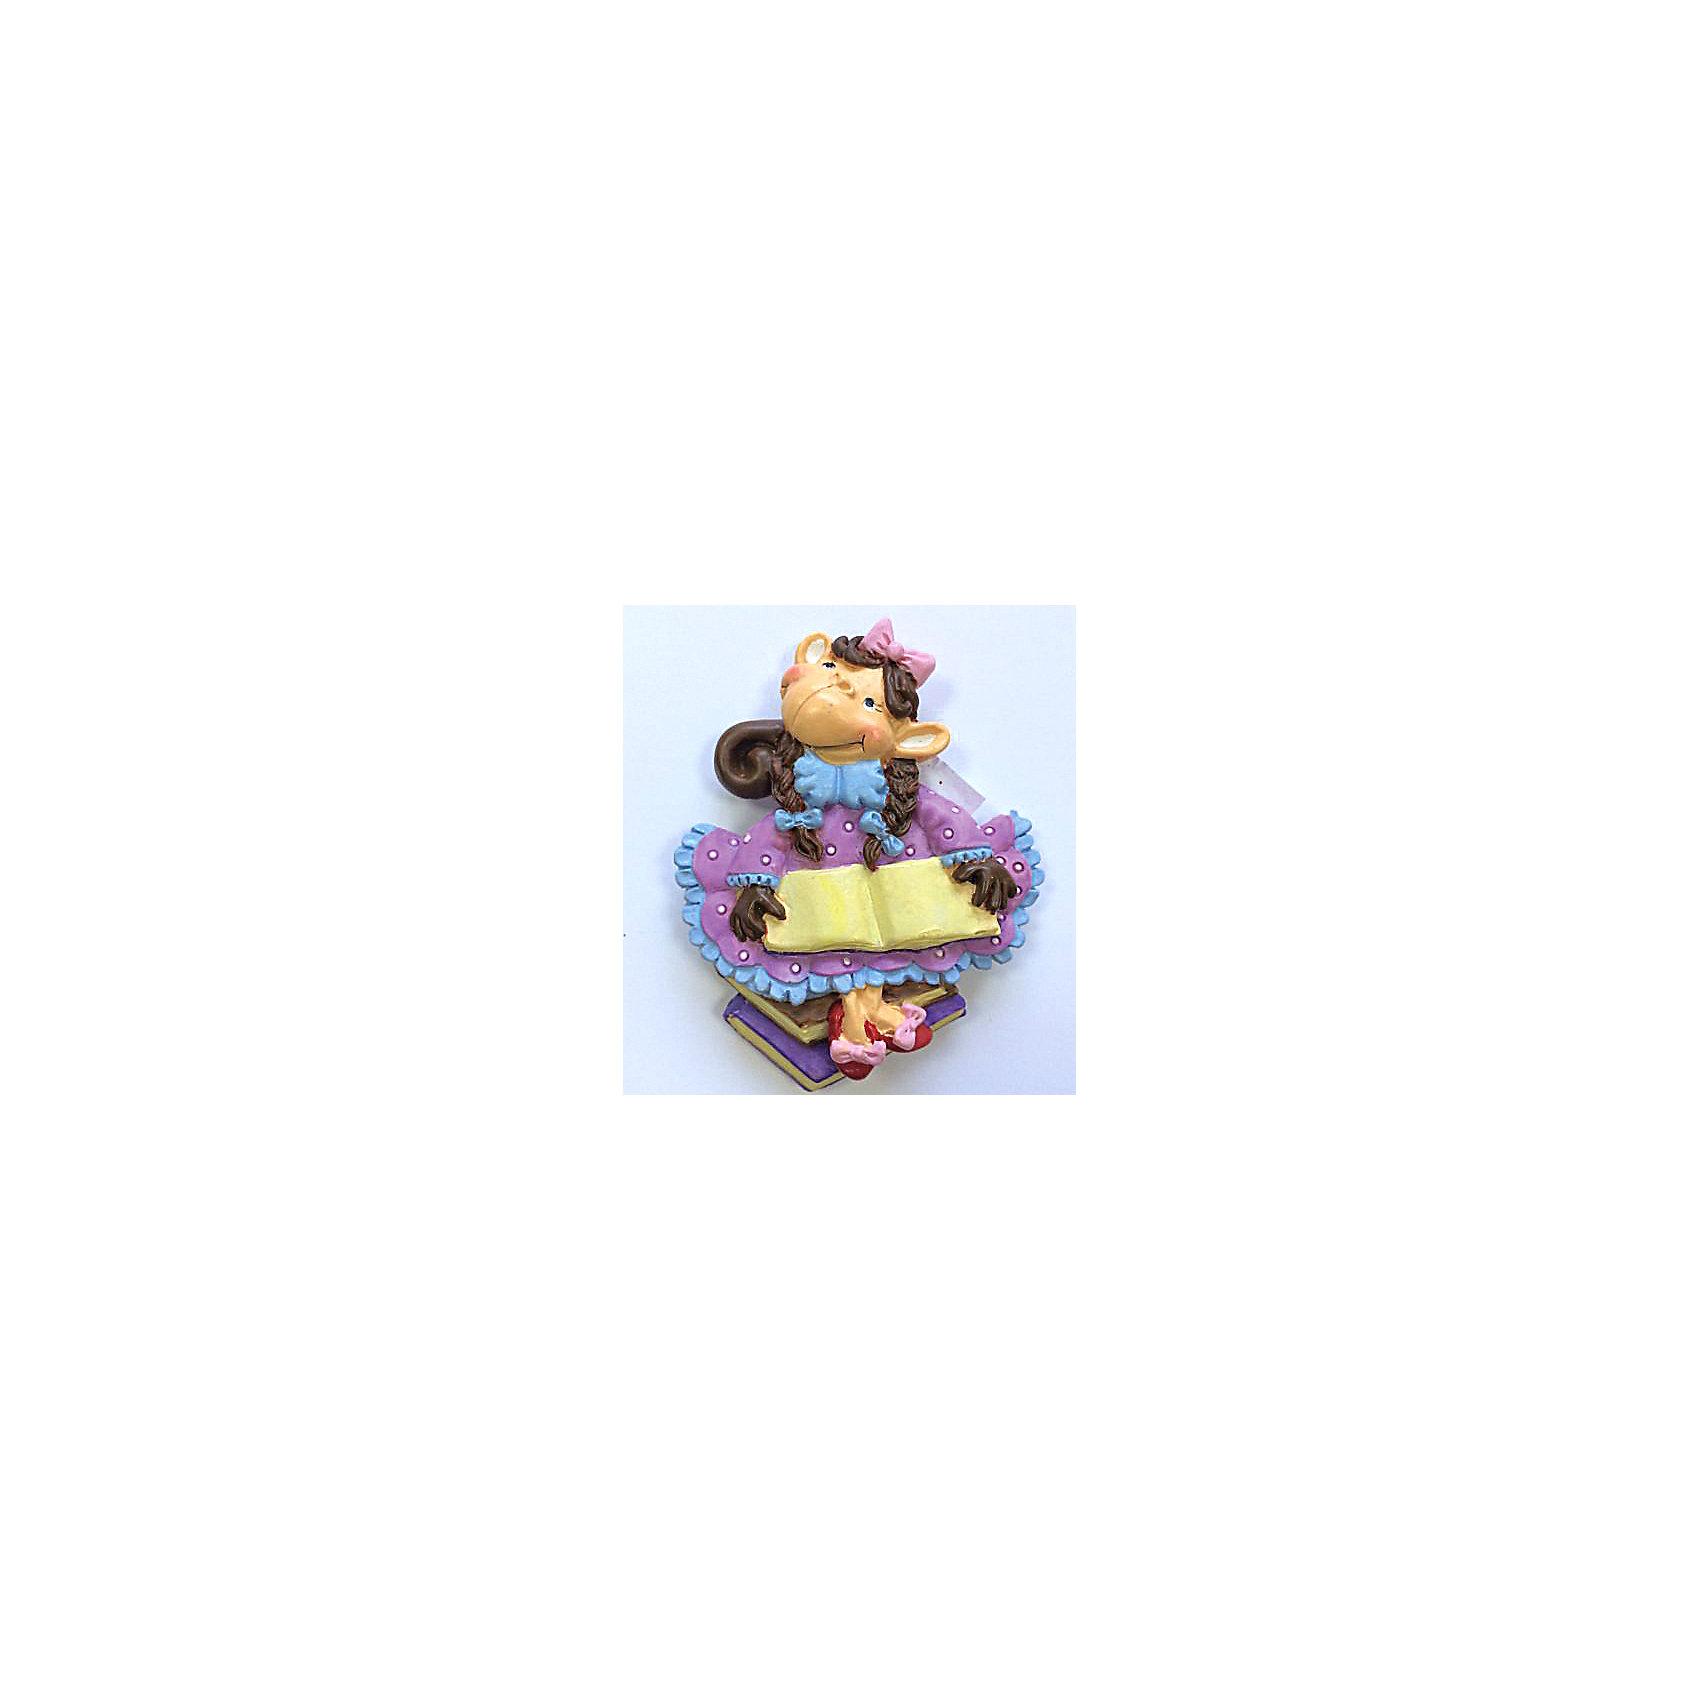 Декоративная обезьяна С книгойНовинки Новый Год<br>Декоративная обезьянка С книгой, Феникс-презент, прекрасно дополнит Ваш новогодний интерьер и станет приятным сувениром для родных и друзей. Очаровательная обезьянка в розовом платье и туфельках с бантиками держит в лапках большую книгу, сзади у фигурки имеется магнитное крепление. Обезьяна является символом Нового 2016 года, забавный сувенир принесет Вам радость и удачу и поднимет настроение.  <br><br>Дополнительная информация:<br><br>- Материал: полирезина. <br>- Размер фигурки: 5,8 х 7 х 1,5 см.<br><br>Декоративную обезьянку С книгой, Феникс-презент,  можно купить в нашем интернет-магазине.<br><br>Ширина мм: 70<br>Глубина мм: 80<br>Высота мм: 25<br>Вес г: 100<br>Возраст от месяцев: 36<br>Возраст до месяцев: 2147483647<br>Пол: Унисекс<br>Возраст: Детский<br>SKU: 4276533